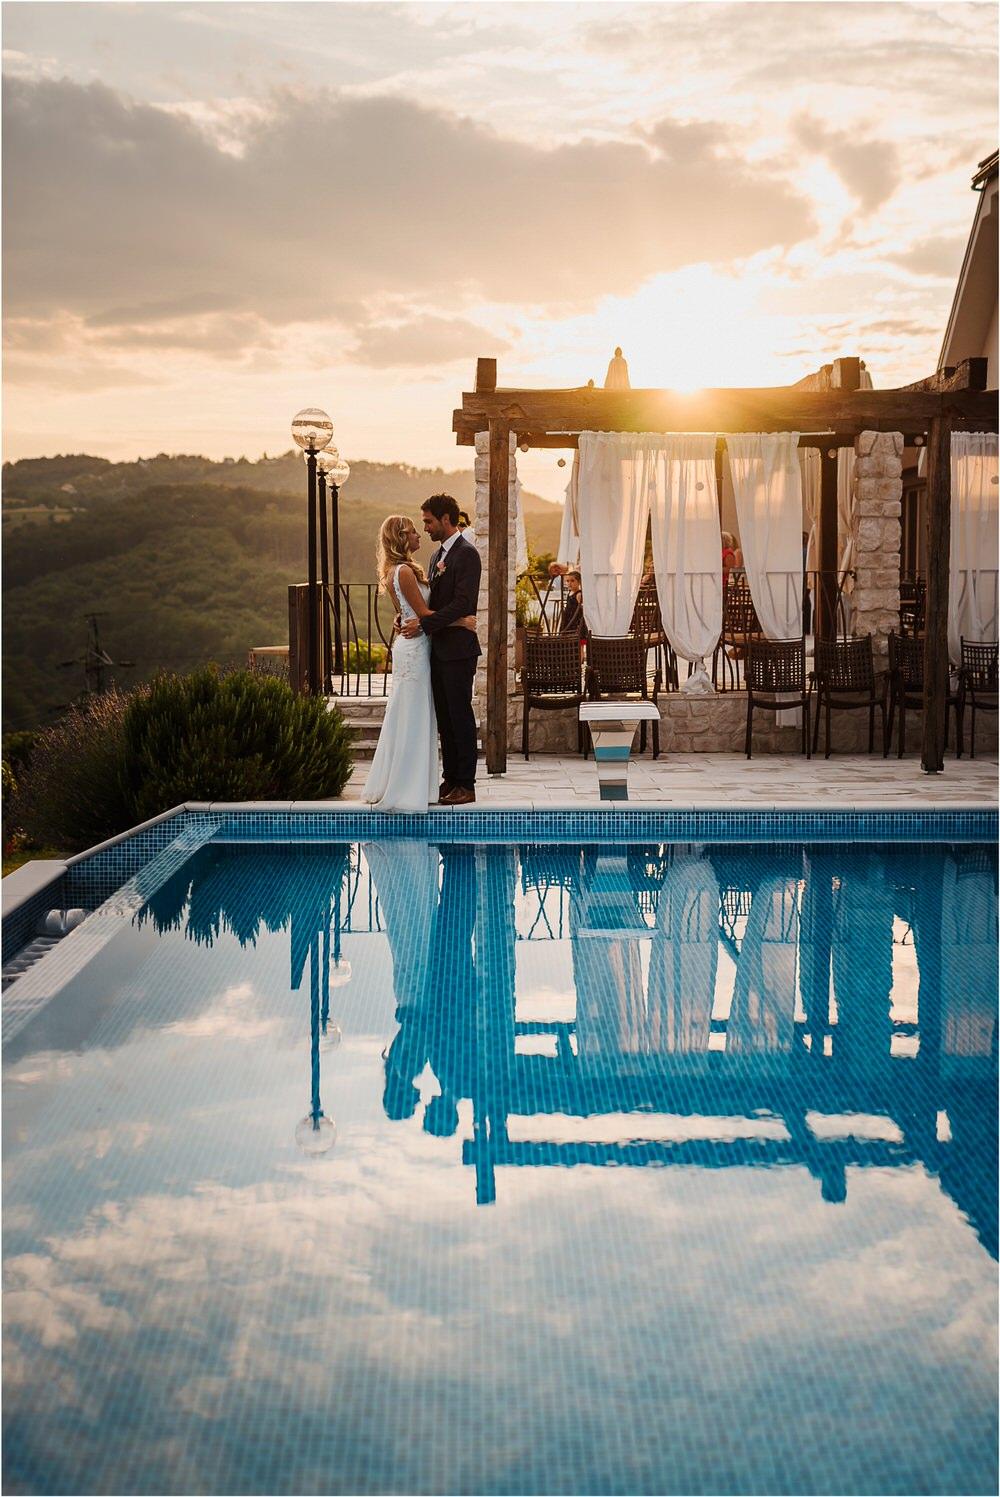 tri lucke slovenija krsko posavje poroka porocni fotograf fotografiranje elegantna poroka vinograd classy elegant wedding slovenia 0077.jpg